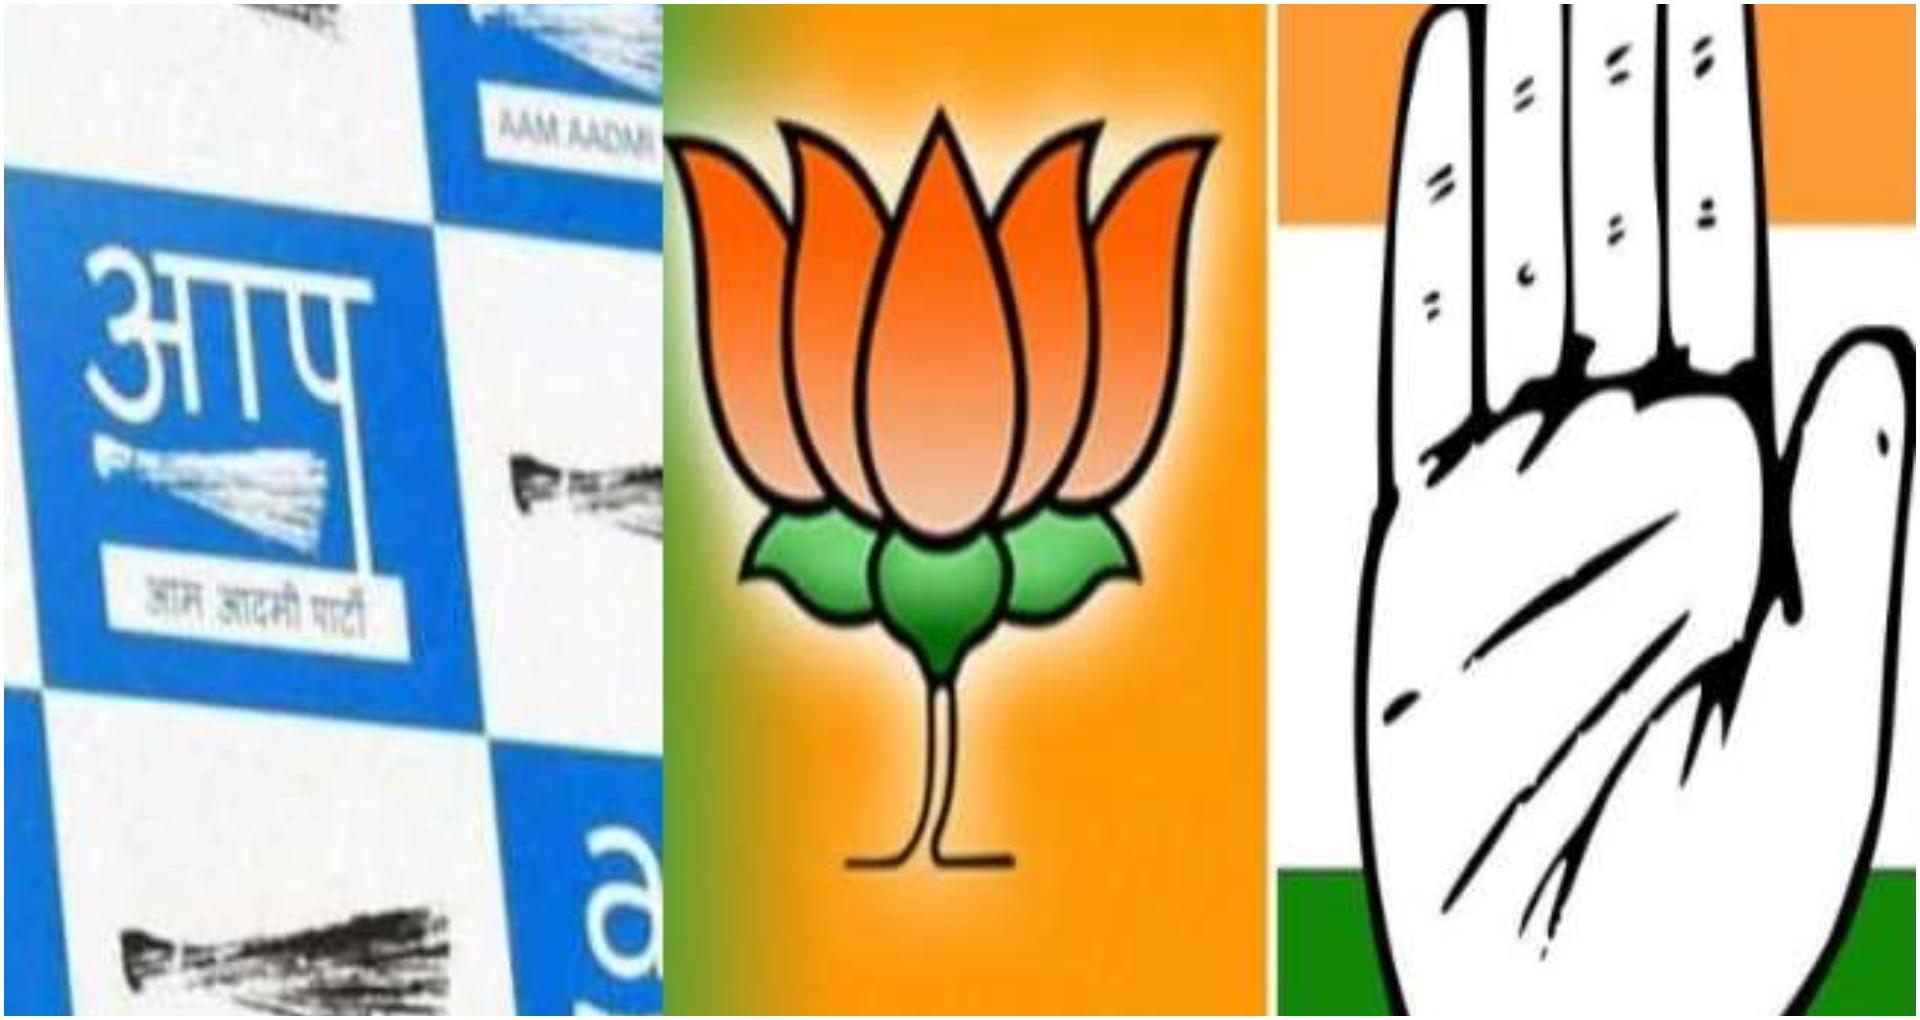 Election Results LIVE Streaming: दिल्ली विधानसभा चुनाव के नतीजों को कब, कहां और कैसे देखें LIVE टेलिकास्ट